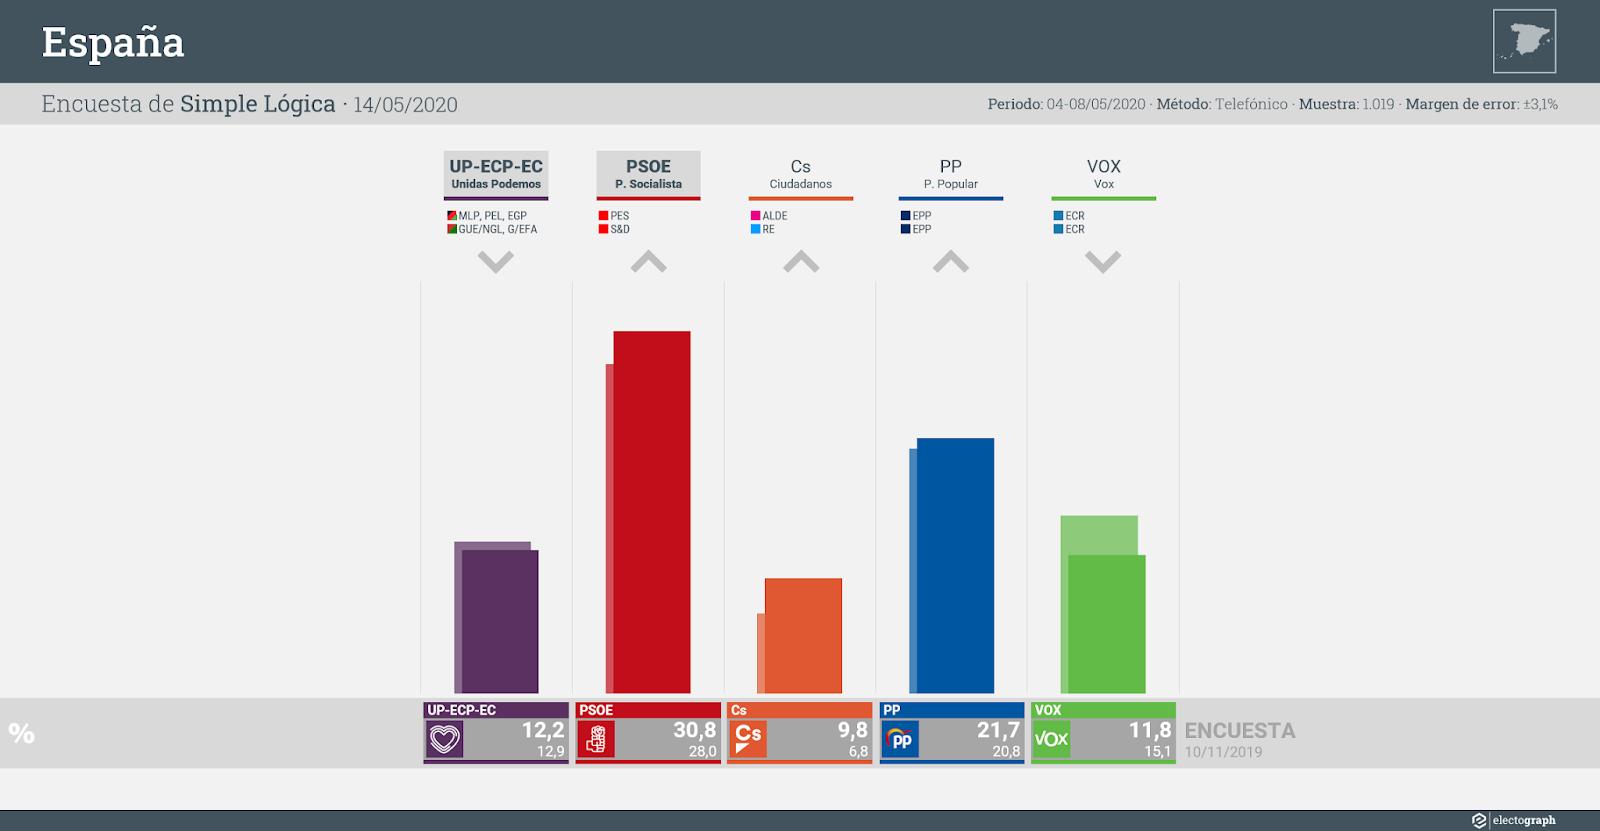 Gráfico de la encuesta para elecciones generales en España realizada por Simple Lógica, 14 de mayo de 2020